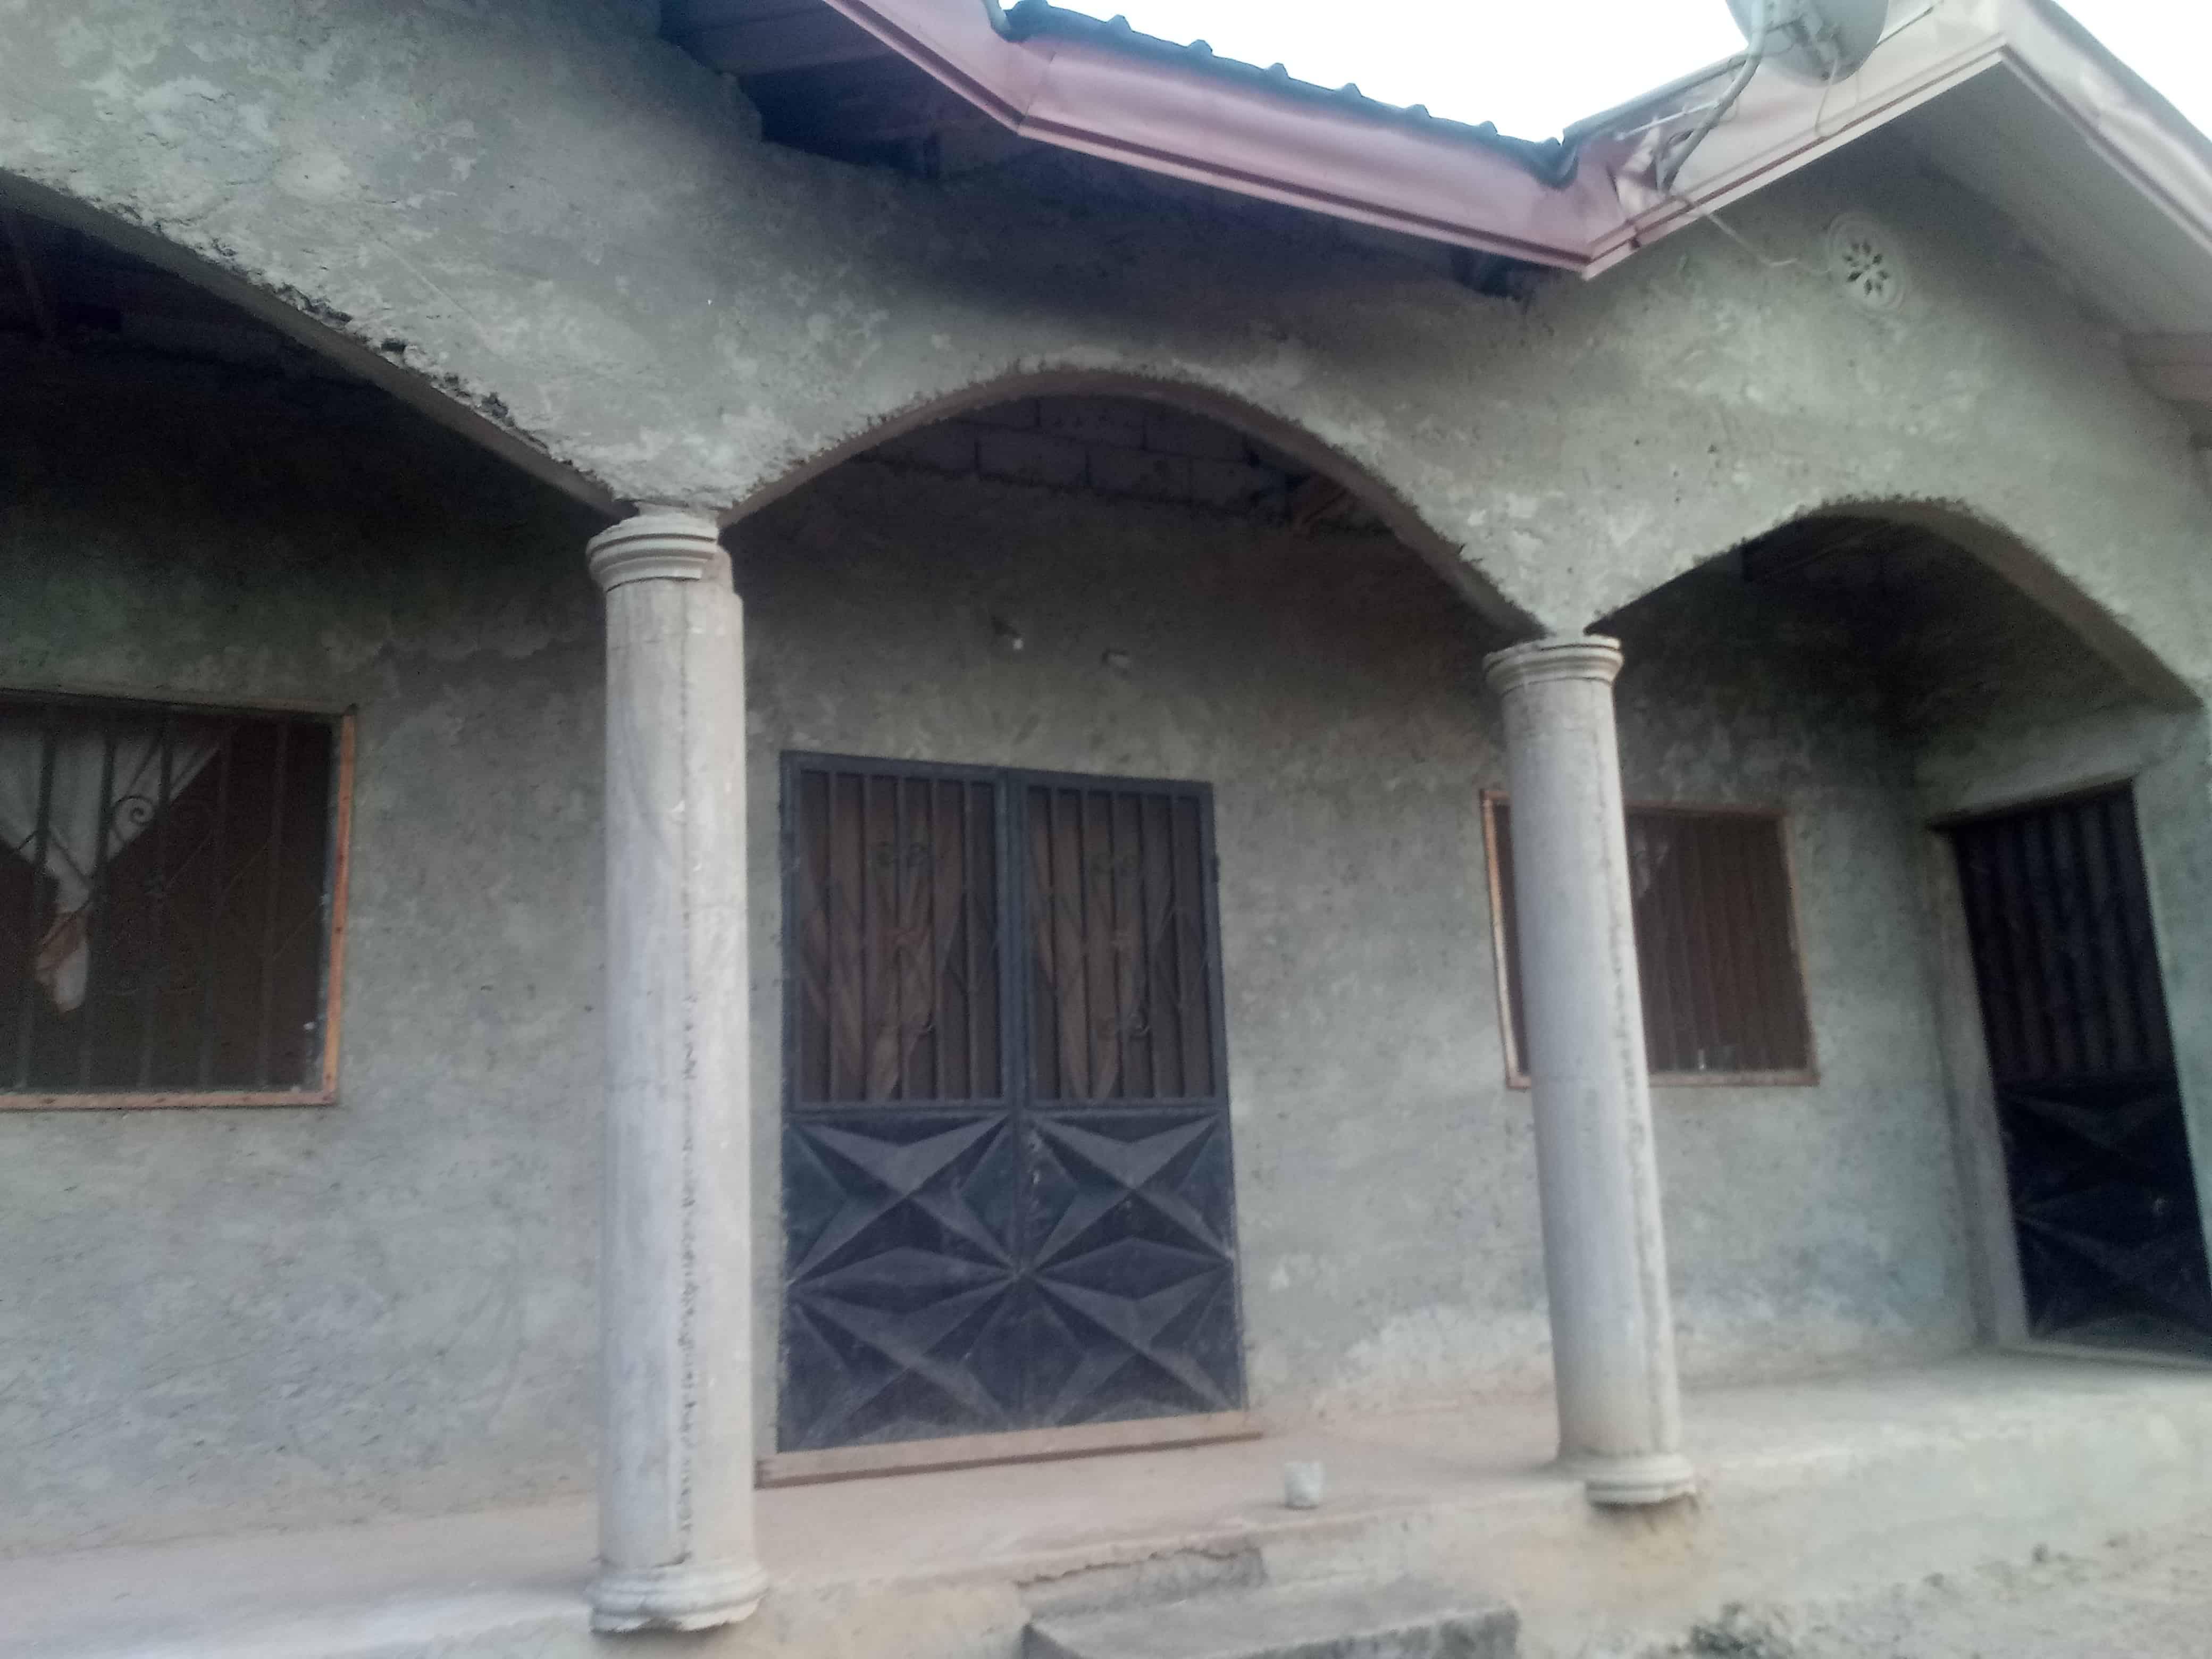 Maison (Villa) à vendre - Yaoundé, Etoudi, Tsinga village pas loin de la nouvelle route du stade olembé - 1 salon(s), 4 chambre(s), 3 salle(s) de bains - 39 500 000 FCFA